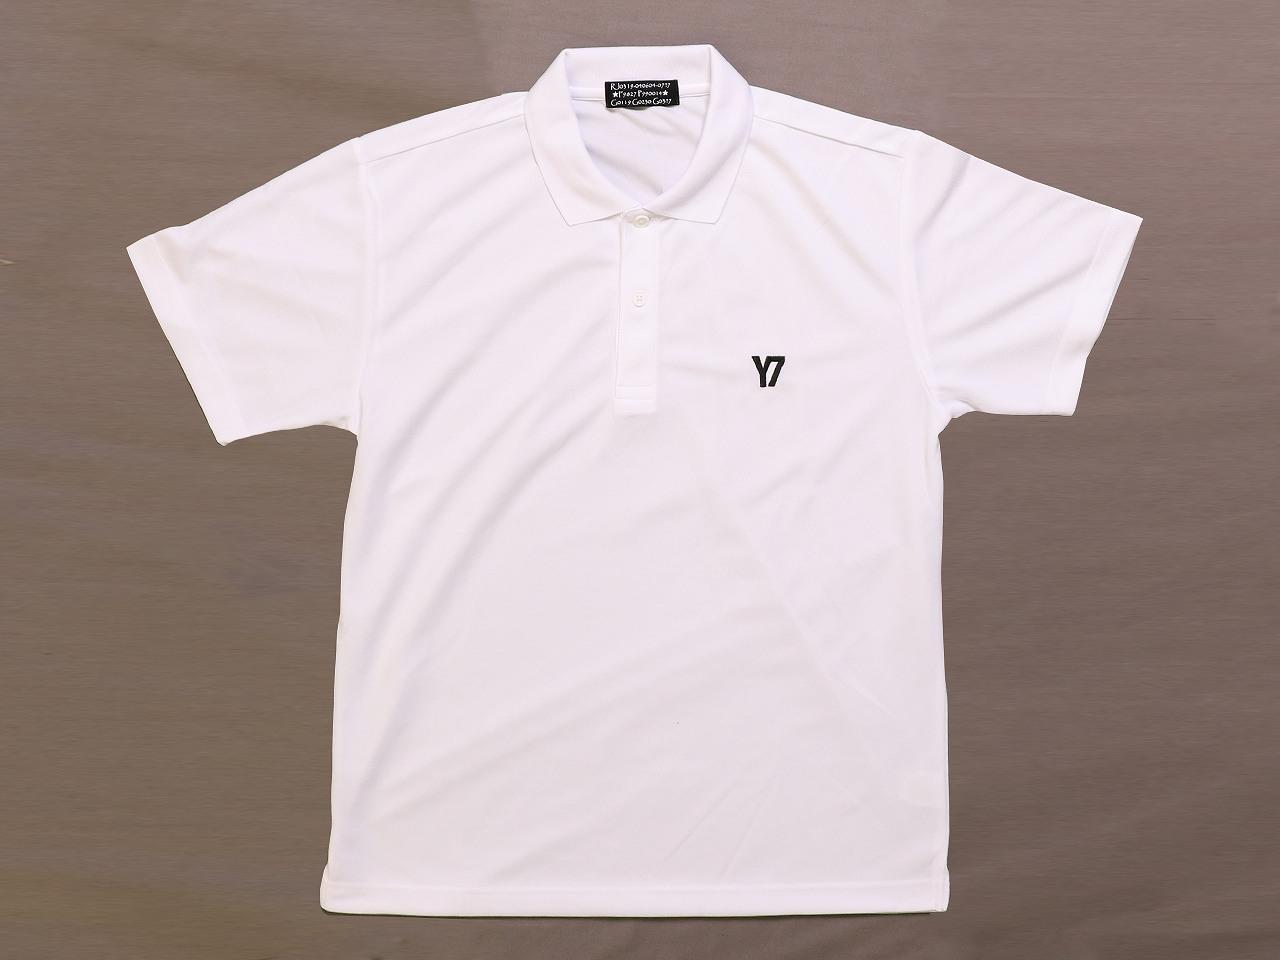 Y7ドライポロシャツ